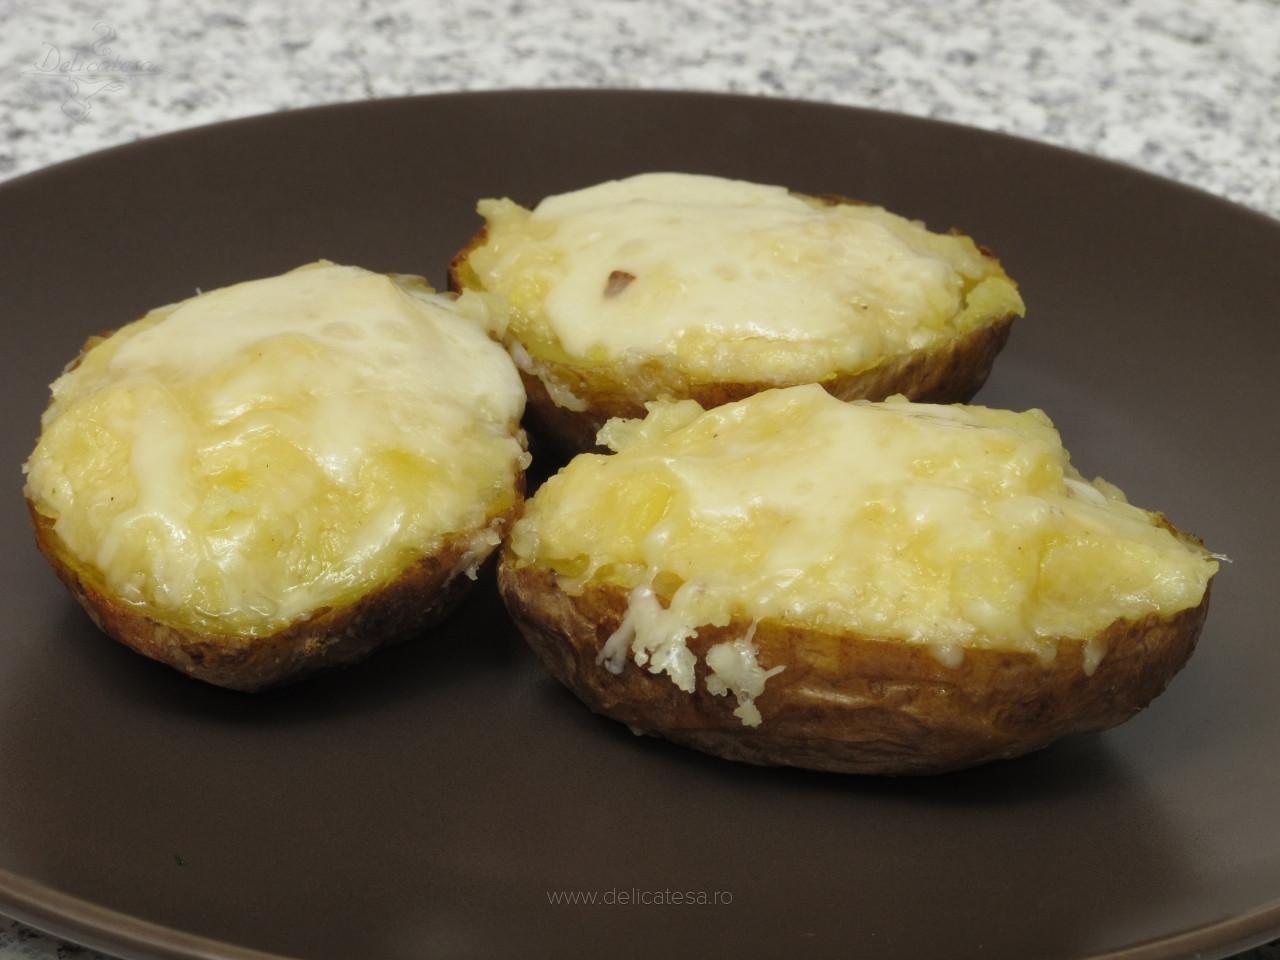 Cartofi copţi cu maioneză şi caşcaval